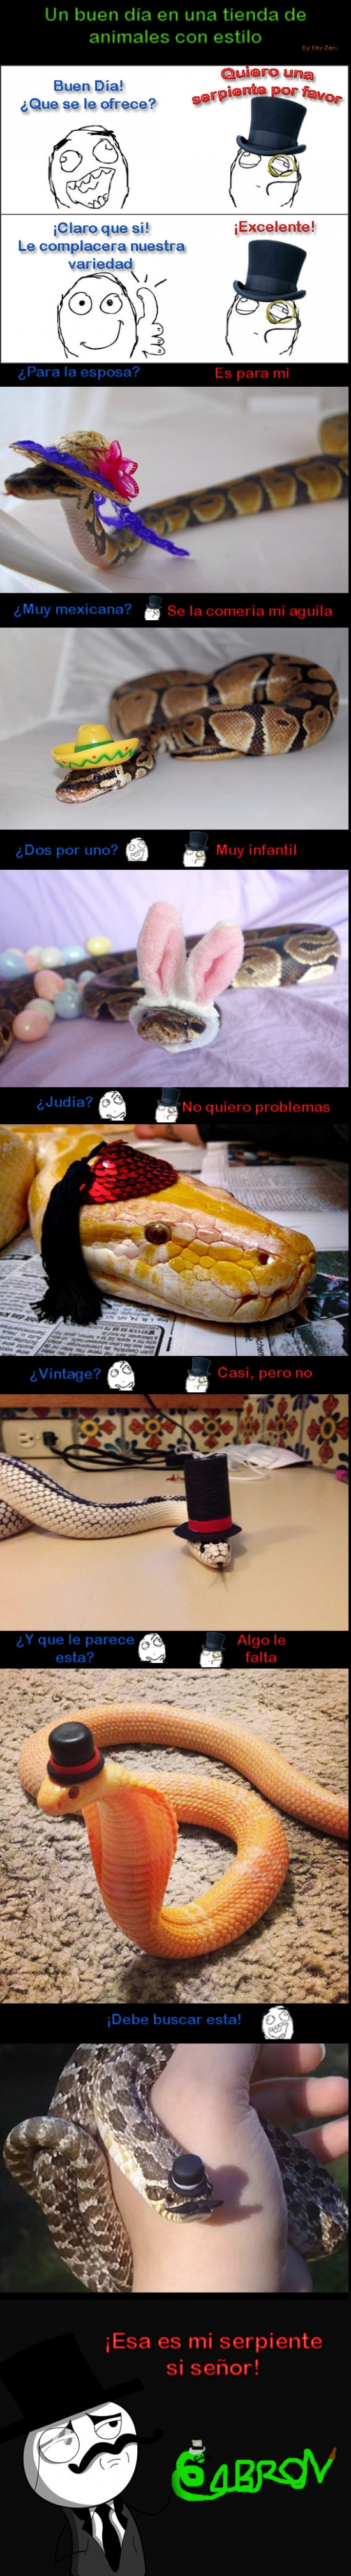 Feel_like_a_sir - Buscando la serpiente con más clase, ¿con cuál te quedarías tú?